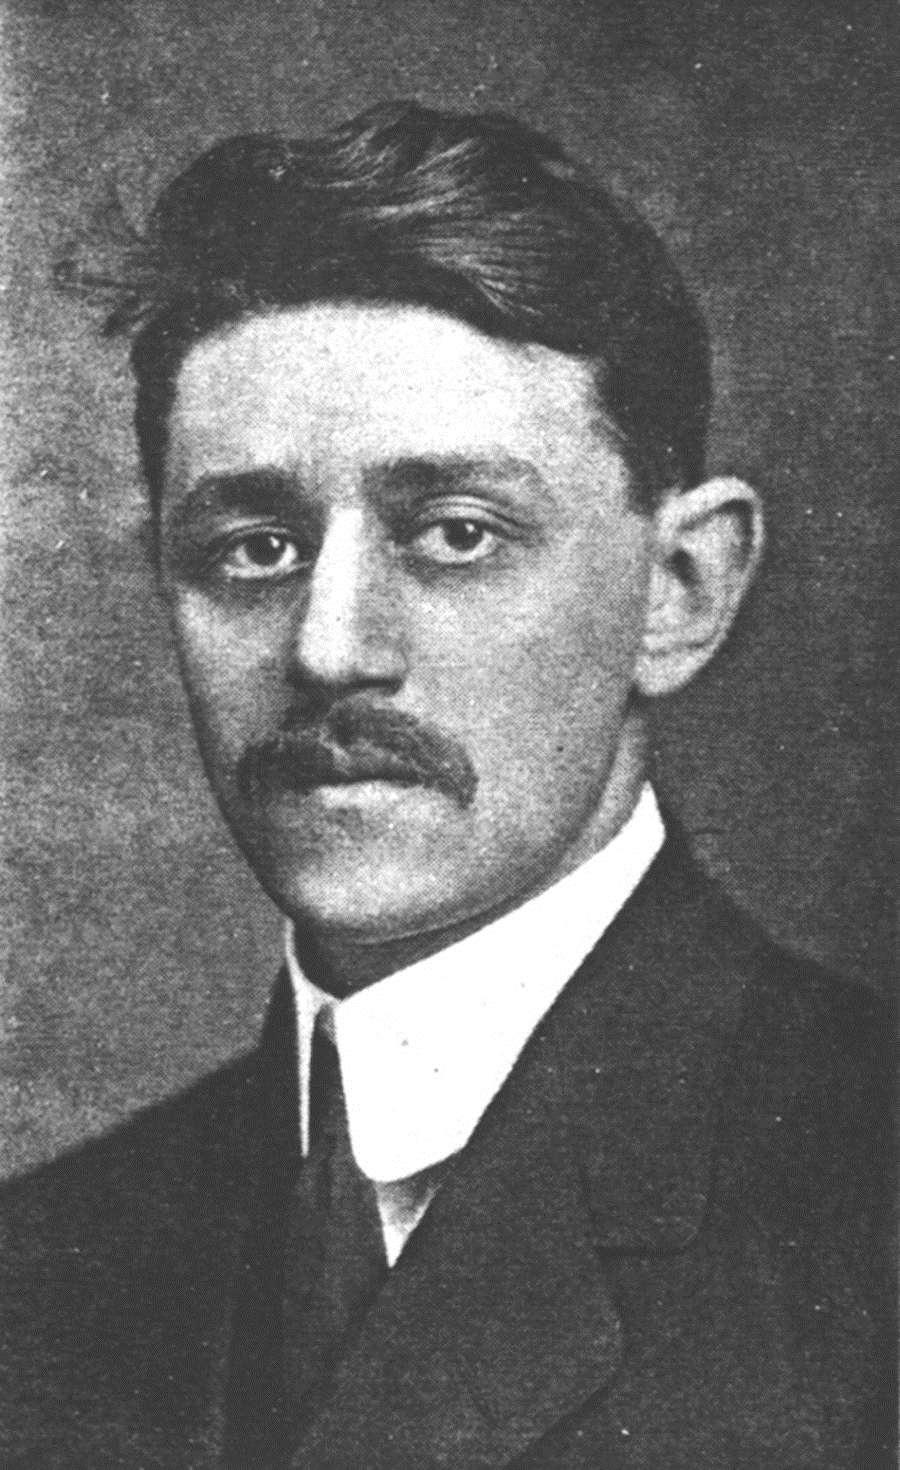 Lewis Schwartz at MIT, 1911